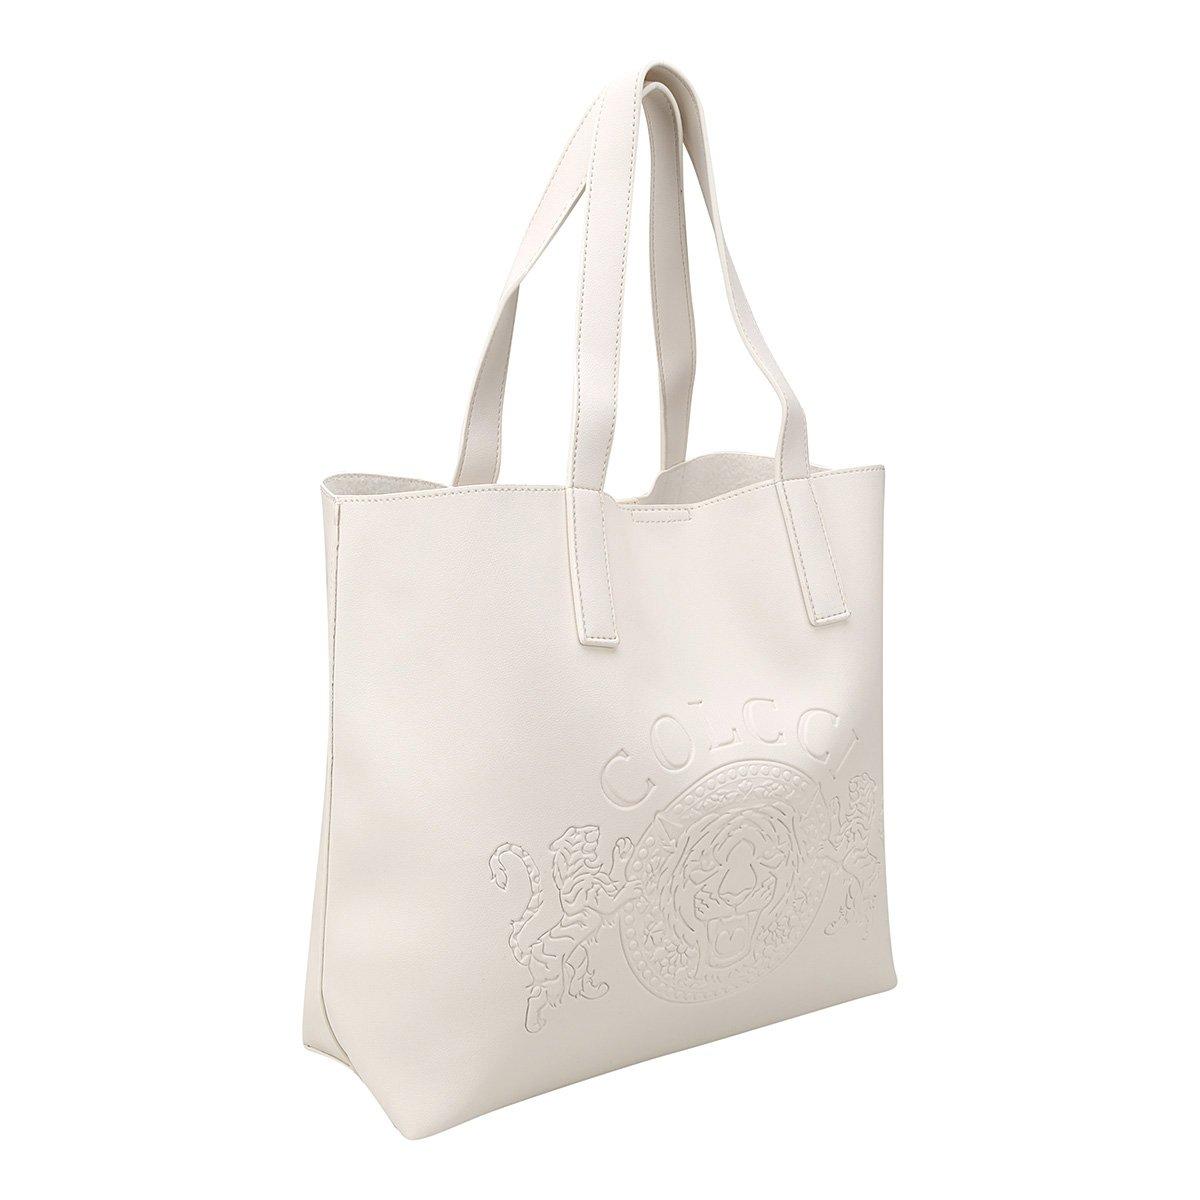 8faf389e45 Bolsa Colcci Shopper Brasão Feminina | Livelo -Sua Vida com Mais Recompensas